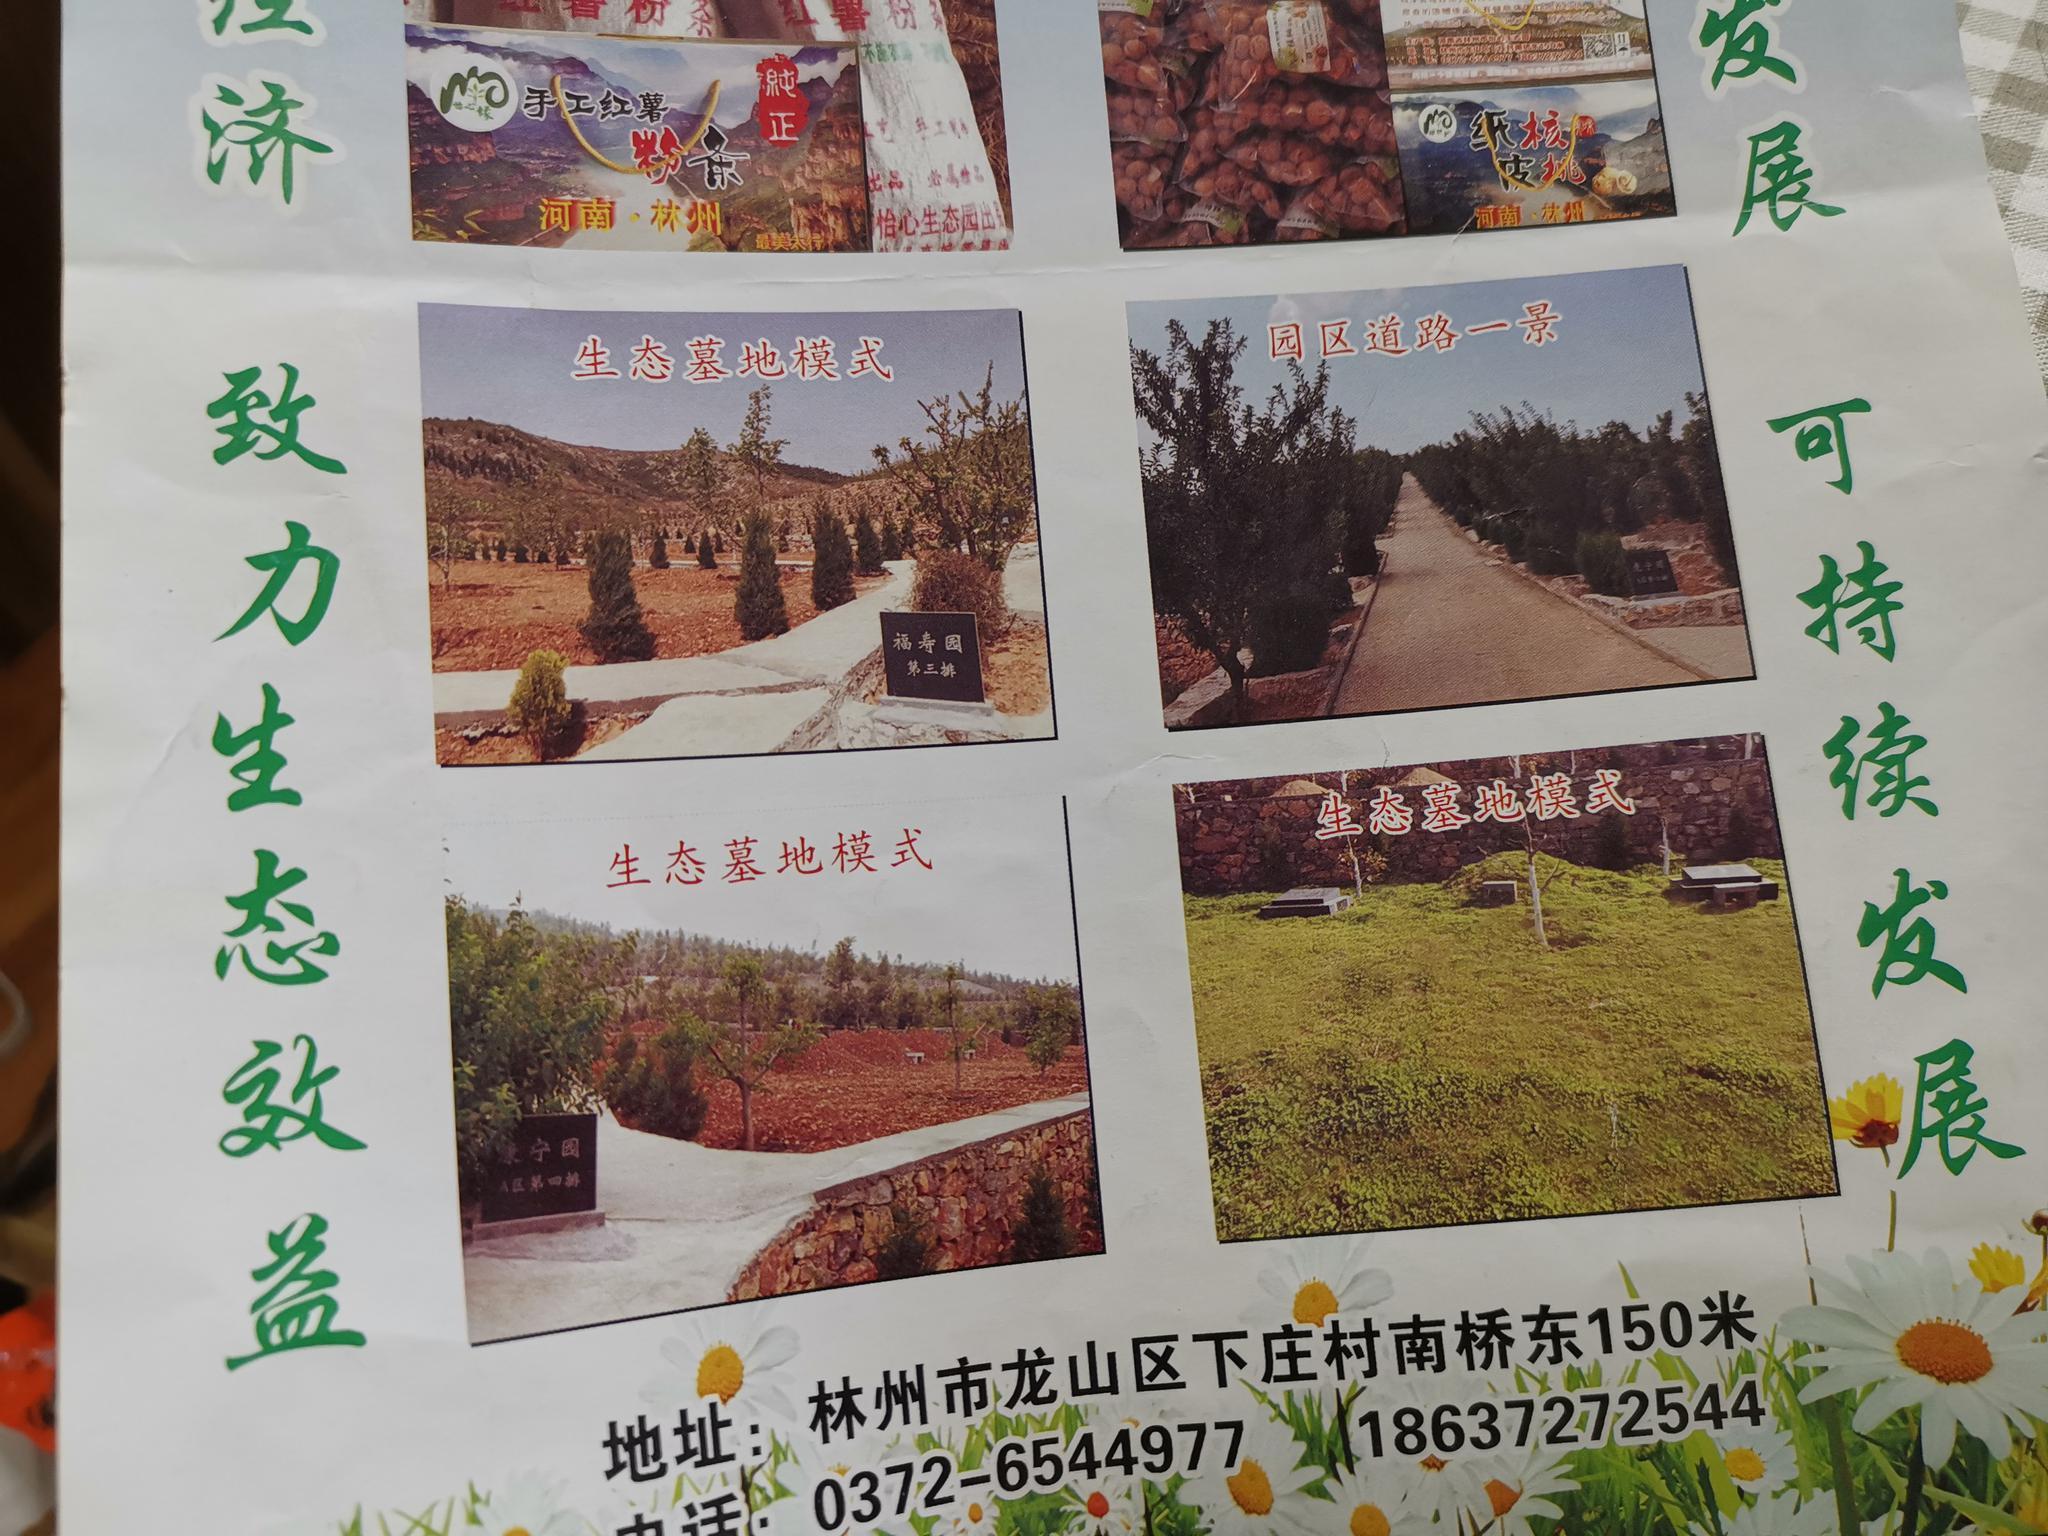 林州市怡心生态园的宣传页显示,园区内售卖公墓。新京报记者程亚龙摄